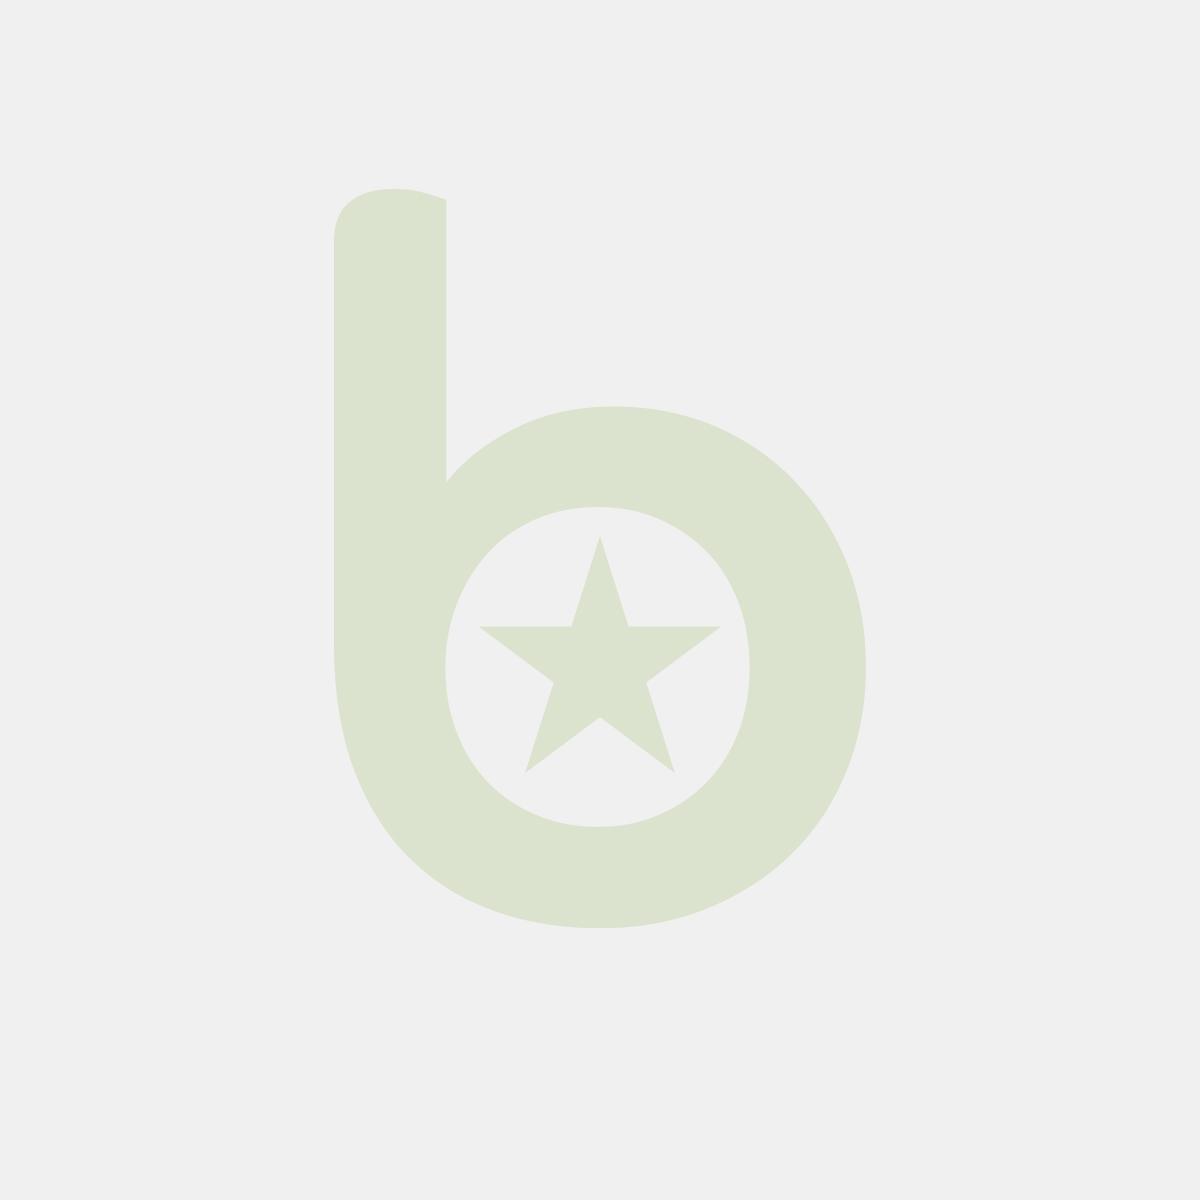 FINGERFOOD - miseczka 150ml PS biała 8,3x4,8 op. 12 sztuk